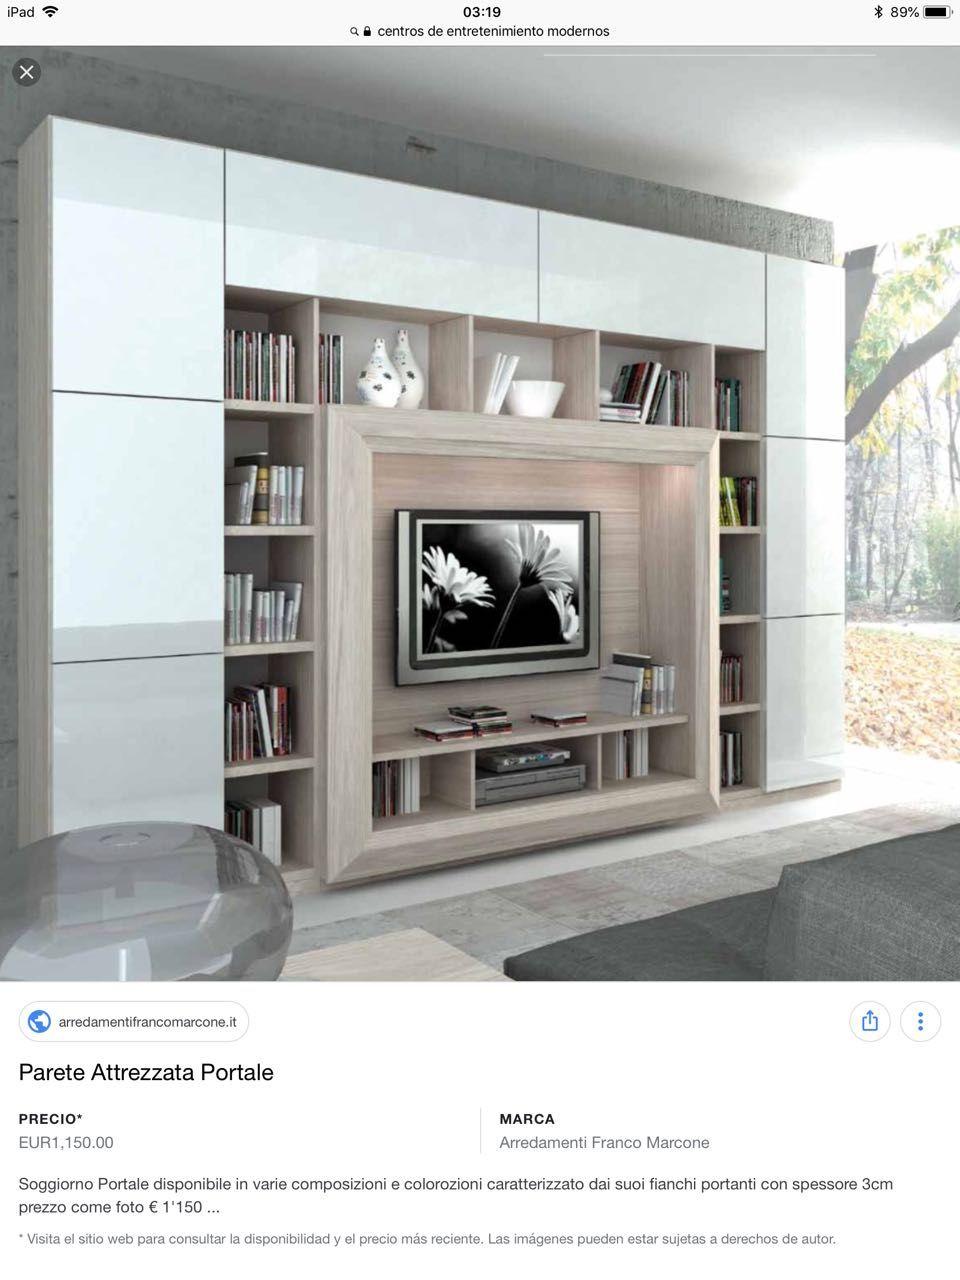 Parete soggiorno mito art.514 nel 2019 | Zona Living | Home ...